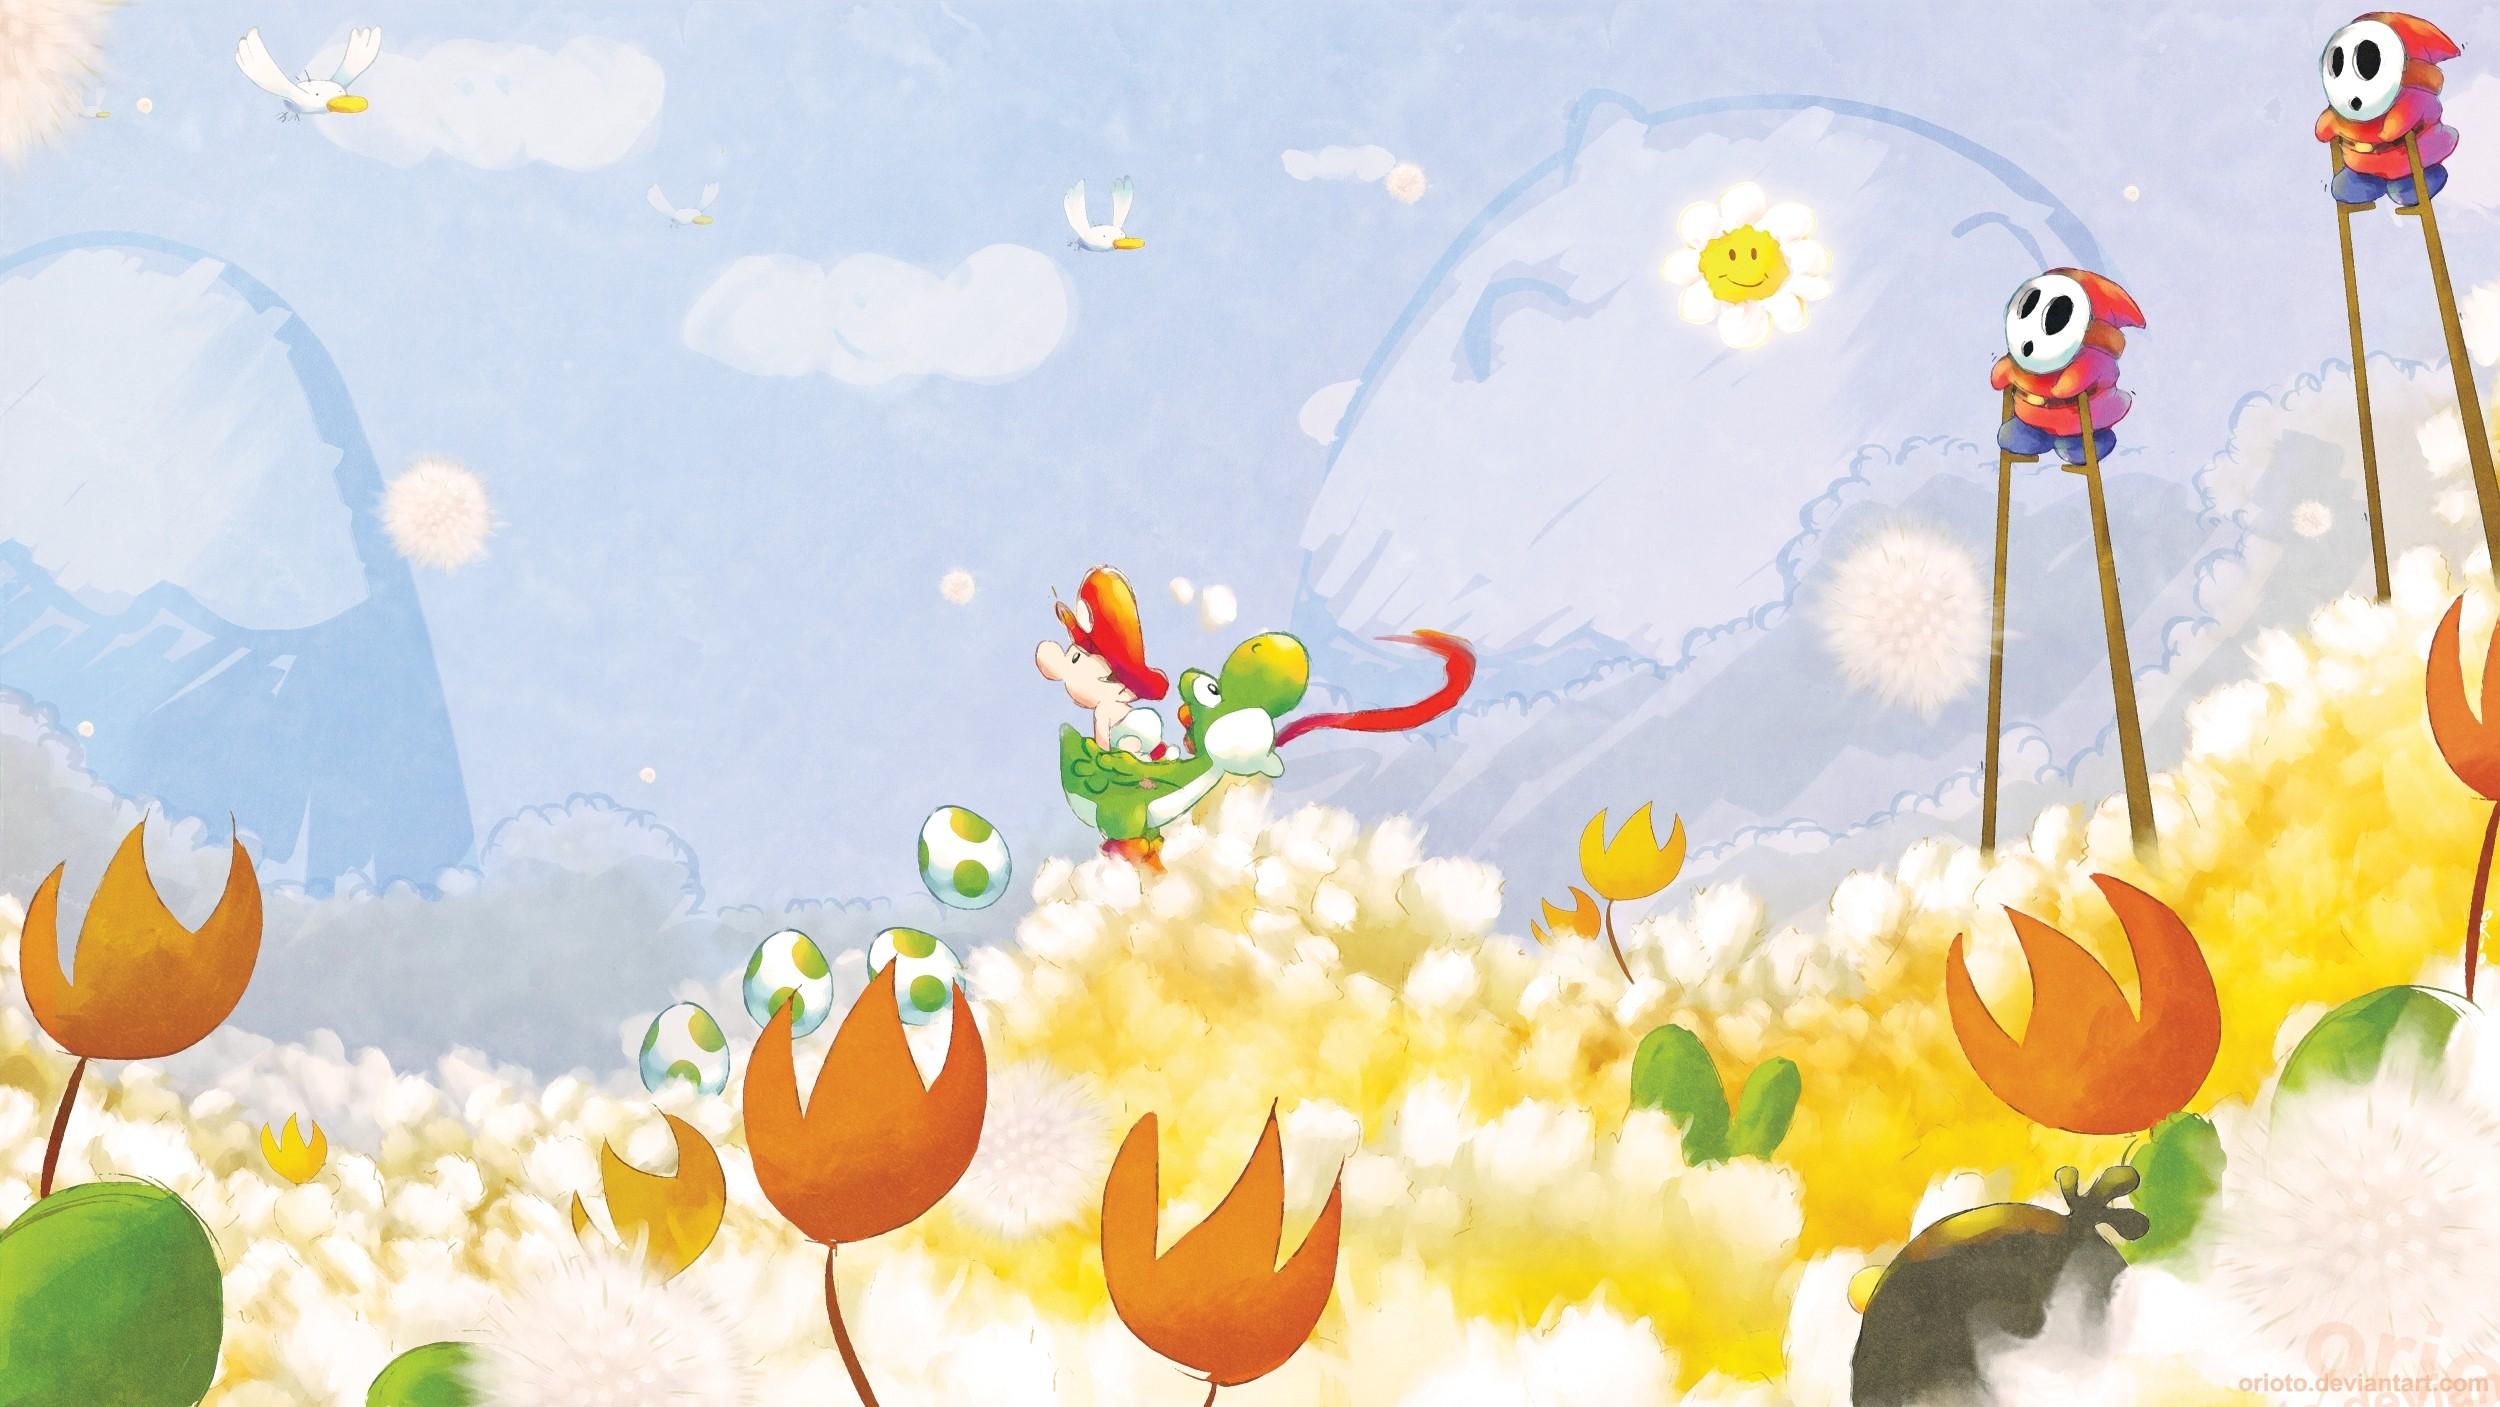 デスクトップ壁紙 図 ビデオゲーム ブランチ 黄 ヨシ ヨッシー